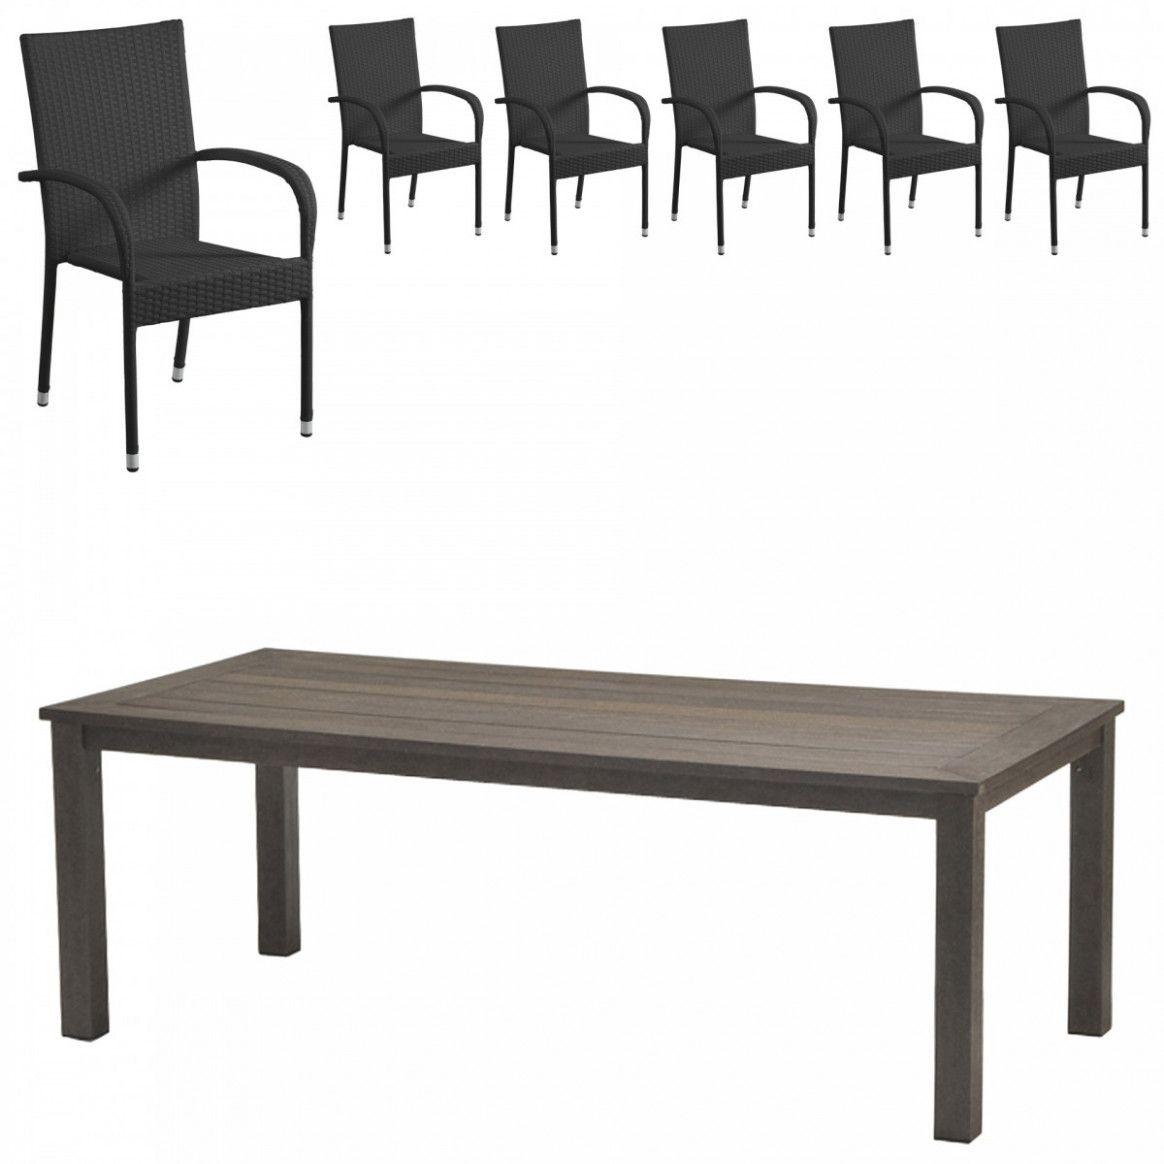 Salon De Jardin Jysk In 2020 Furniture Home Decor Home